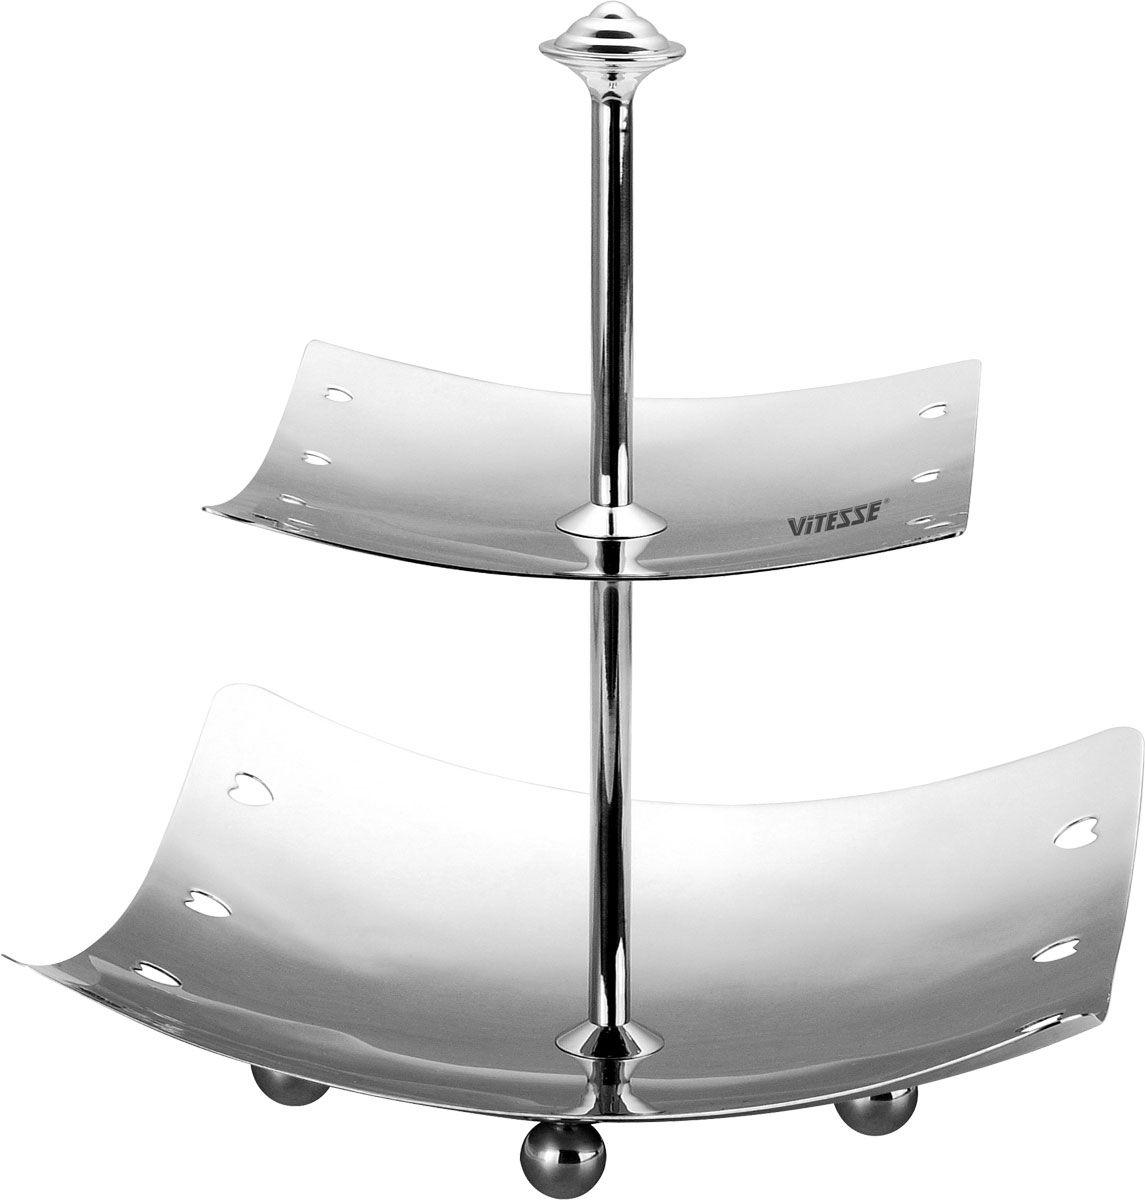 Поднос двухярусный Vitesse Raine54 009312Двухярусный поднос Raine изготовленный из высококачественной нержавеющей стали с полировкой, станет незаменимым атрибутом при сервировке праздничного стола. На нижнем ярусе подноса имеются три ножки, выполненные в виде шариков, что придает подносу устойчивости. Современный стильный дизайн и функциональность позволят подносу занять достойное место на Вашей кухне.Характеристики: Высота подноса:25 см. Размер нижнего яруса:23 см x 23 см. Размер верхнего яруса:16 см x 16 см. Толщина материала:0,6 мм. Материал:нержавеющая сталь.Артикул:VS-1295.Кухонная посуда марки Vitesseиз нержавеющей стали 18/10 предоставит Вам все необходимое для получения удовольствия от приготовления пищи и принесет радость от его результатов. Посуда Vitesse обладает выдающимися функциональными свойствами. Легкие в уходе кастрюли и сковородки имеют плотно закрывающиеся крышки, которые дают возможность готовить с малым количеством воды и экономией энергии, и идеально подходят для всех видов плит: газовых, электрических, стеклокерамических и индукционных. Конструкция дна посуды гарантирует быстрое поглощение тепла, его равномерное распределение и сохранение. Великолепно отполированная поверхность, а также многочисленные конструктивные новшества, заложенные во все изделия Vitesse, позволит Вам открыть новые горизонты приготовления уже знакомых блюд. Для производства посуды Vitesseиспользуются только высококачественные материалы, которые соответствуют международным стандартам.УВАЖАЕМЫЕ КЛИЕНТЫ! Товар поставляется в разобранном виде.